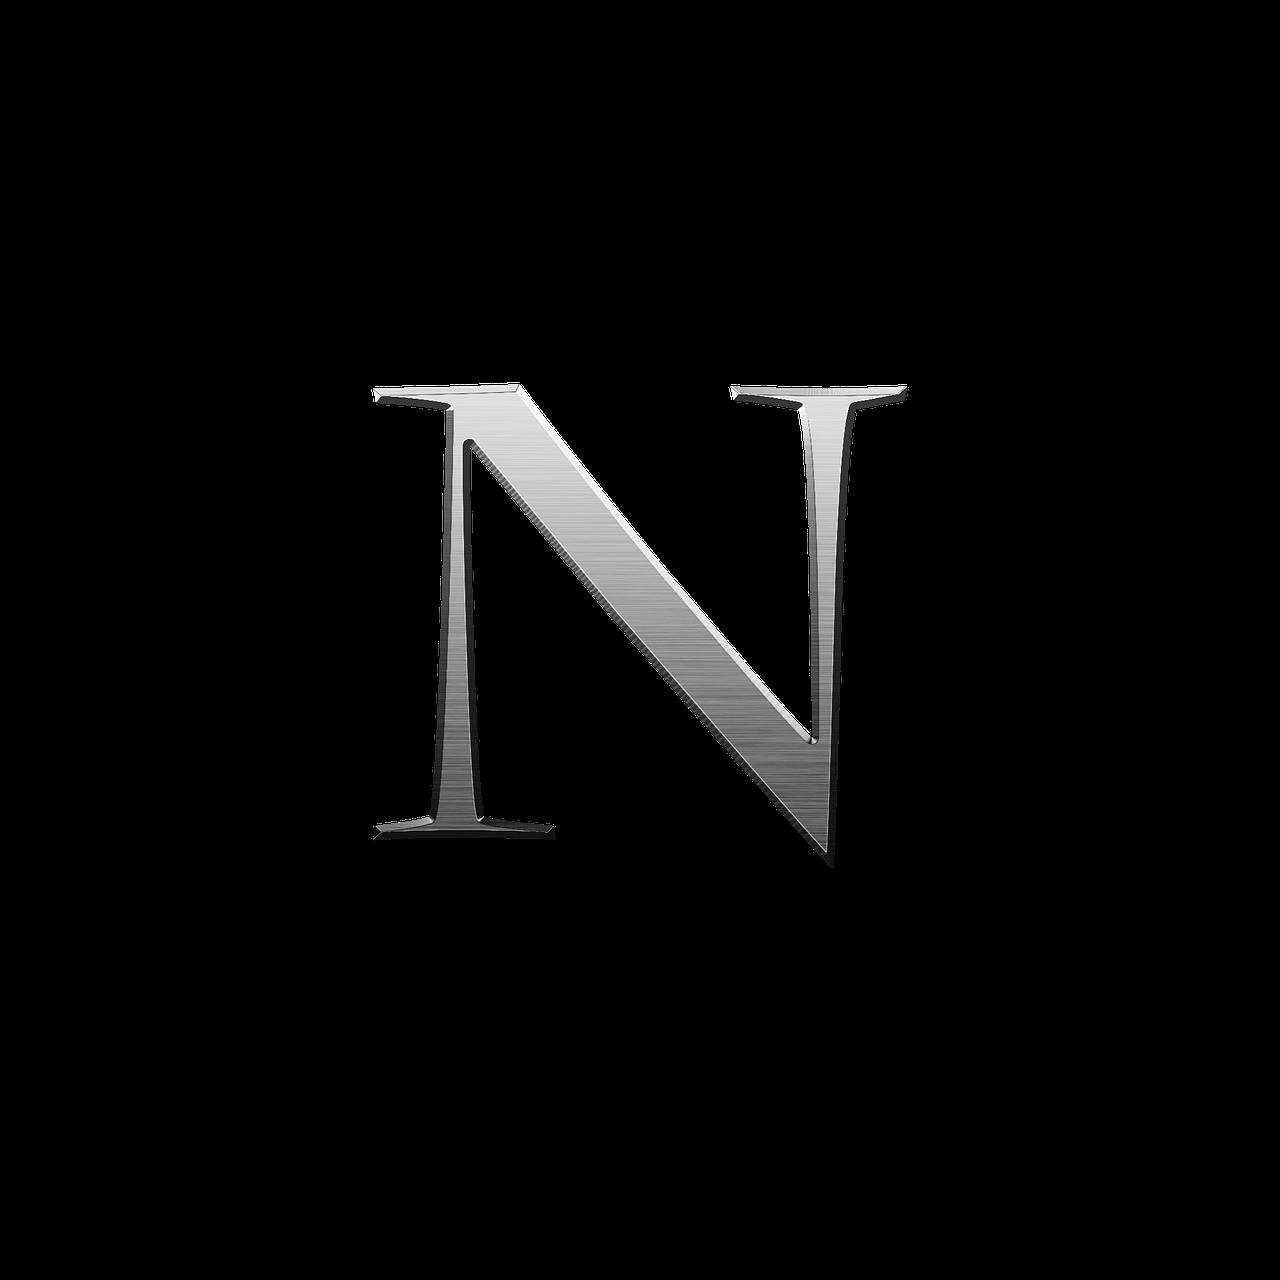 Public domain shiny metallic letter clipart images